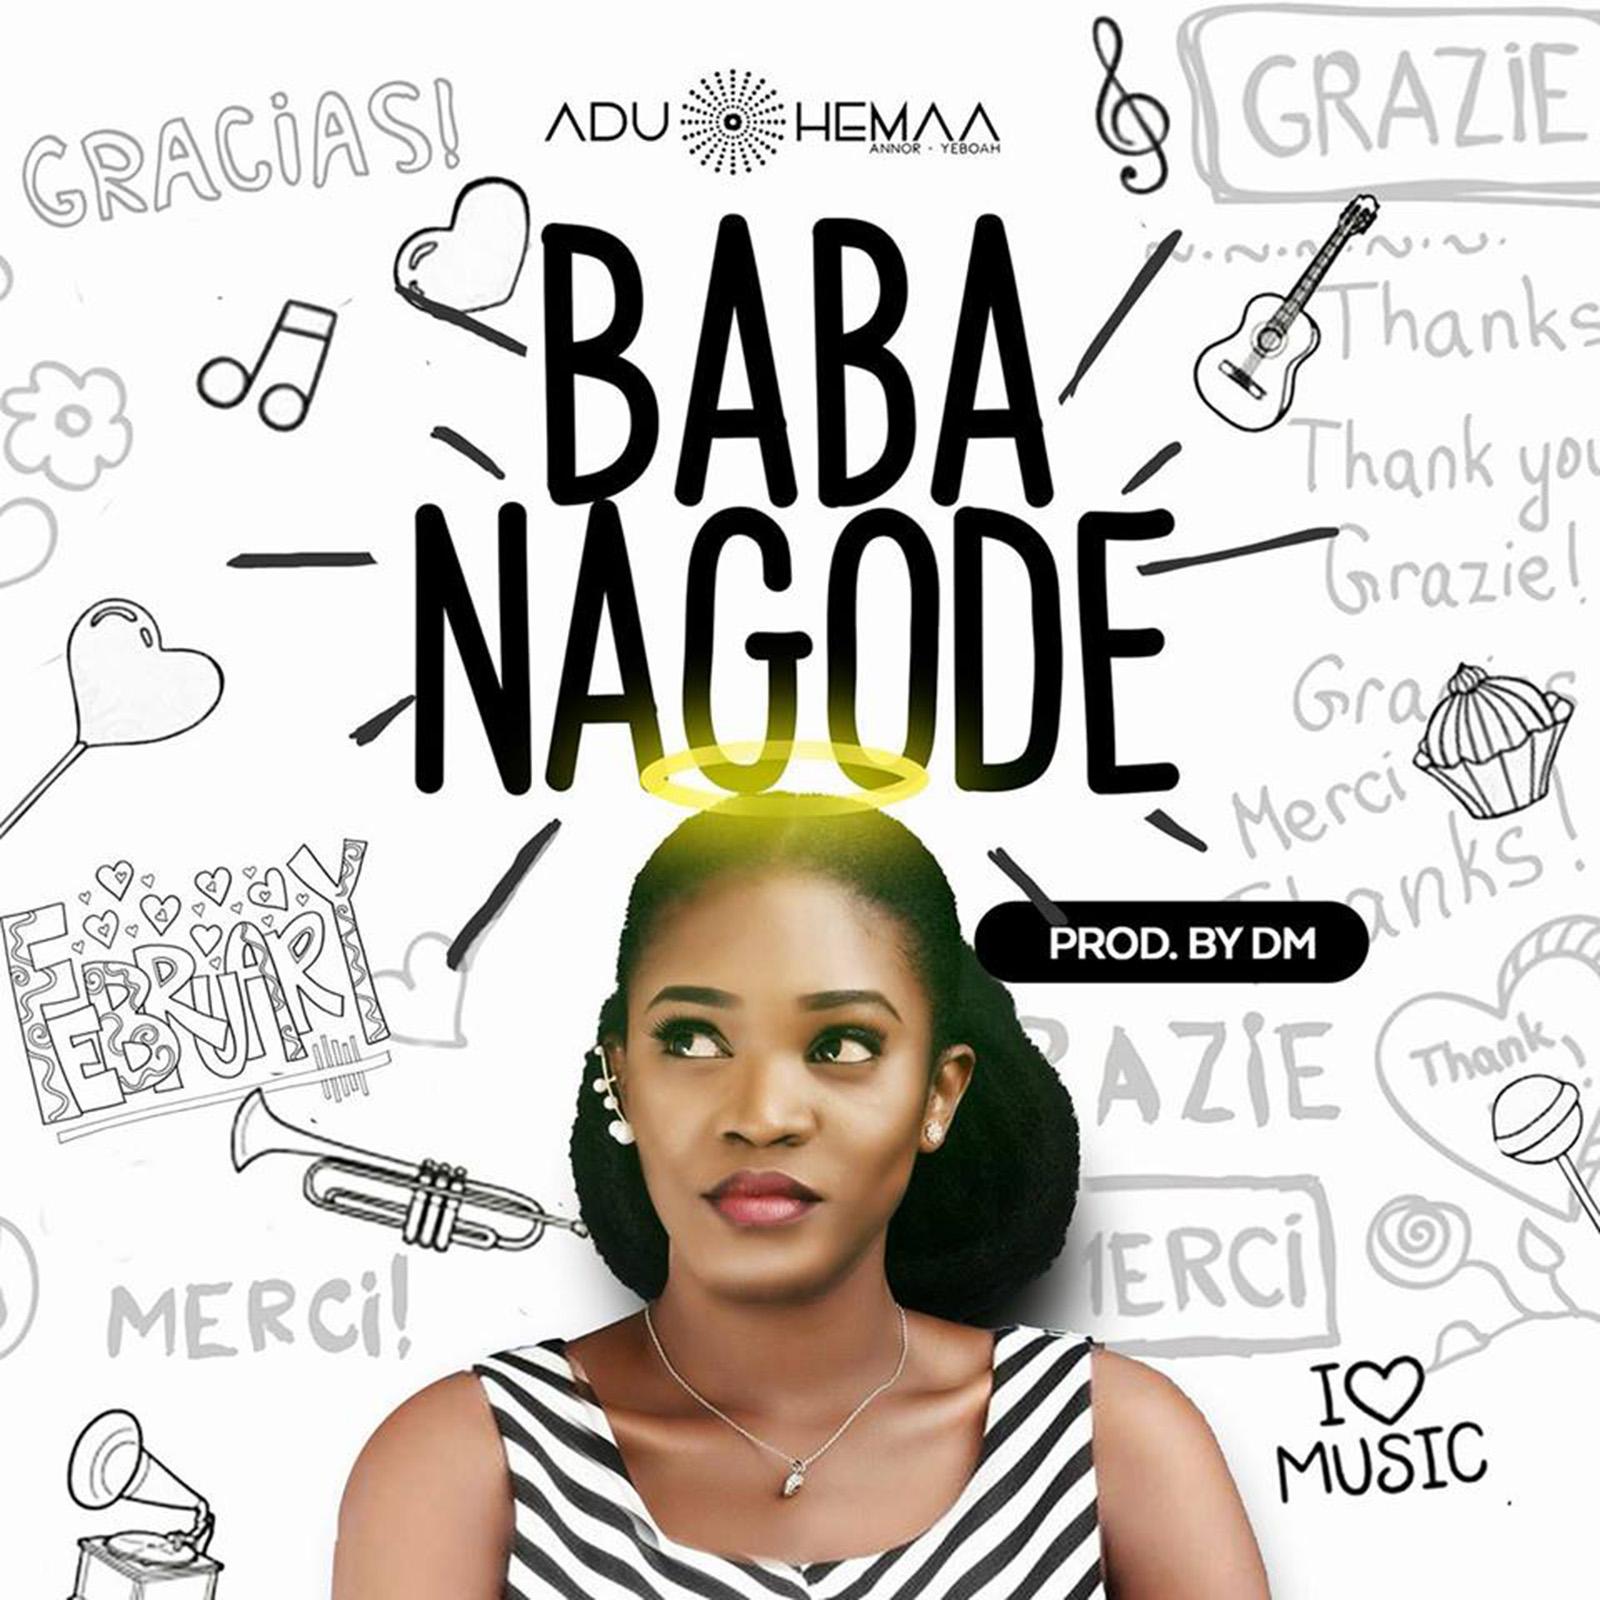 Baba Nagode by Aduhemaa